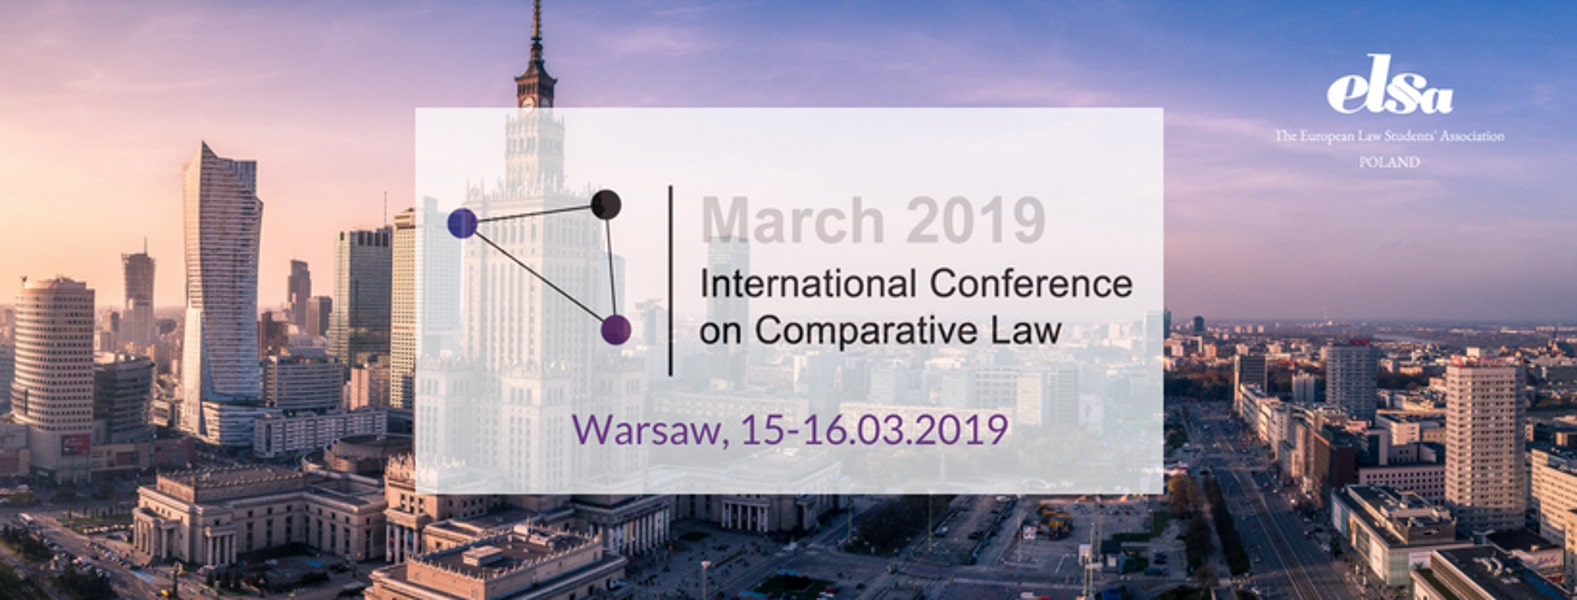 Konferencja odbędzie się w dniach 15-16 marca 2019 roku.